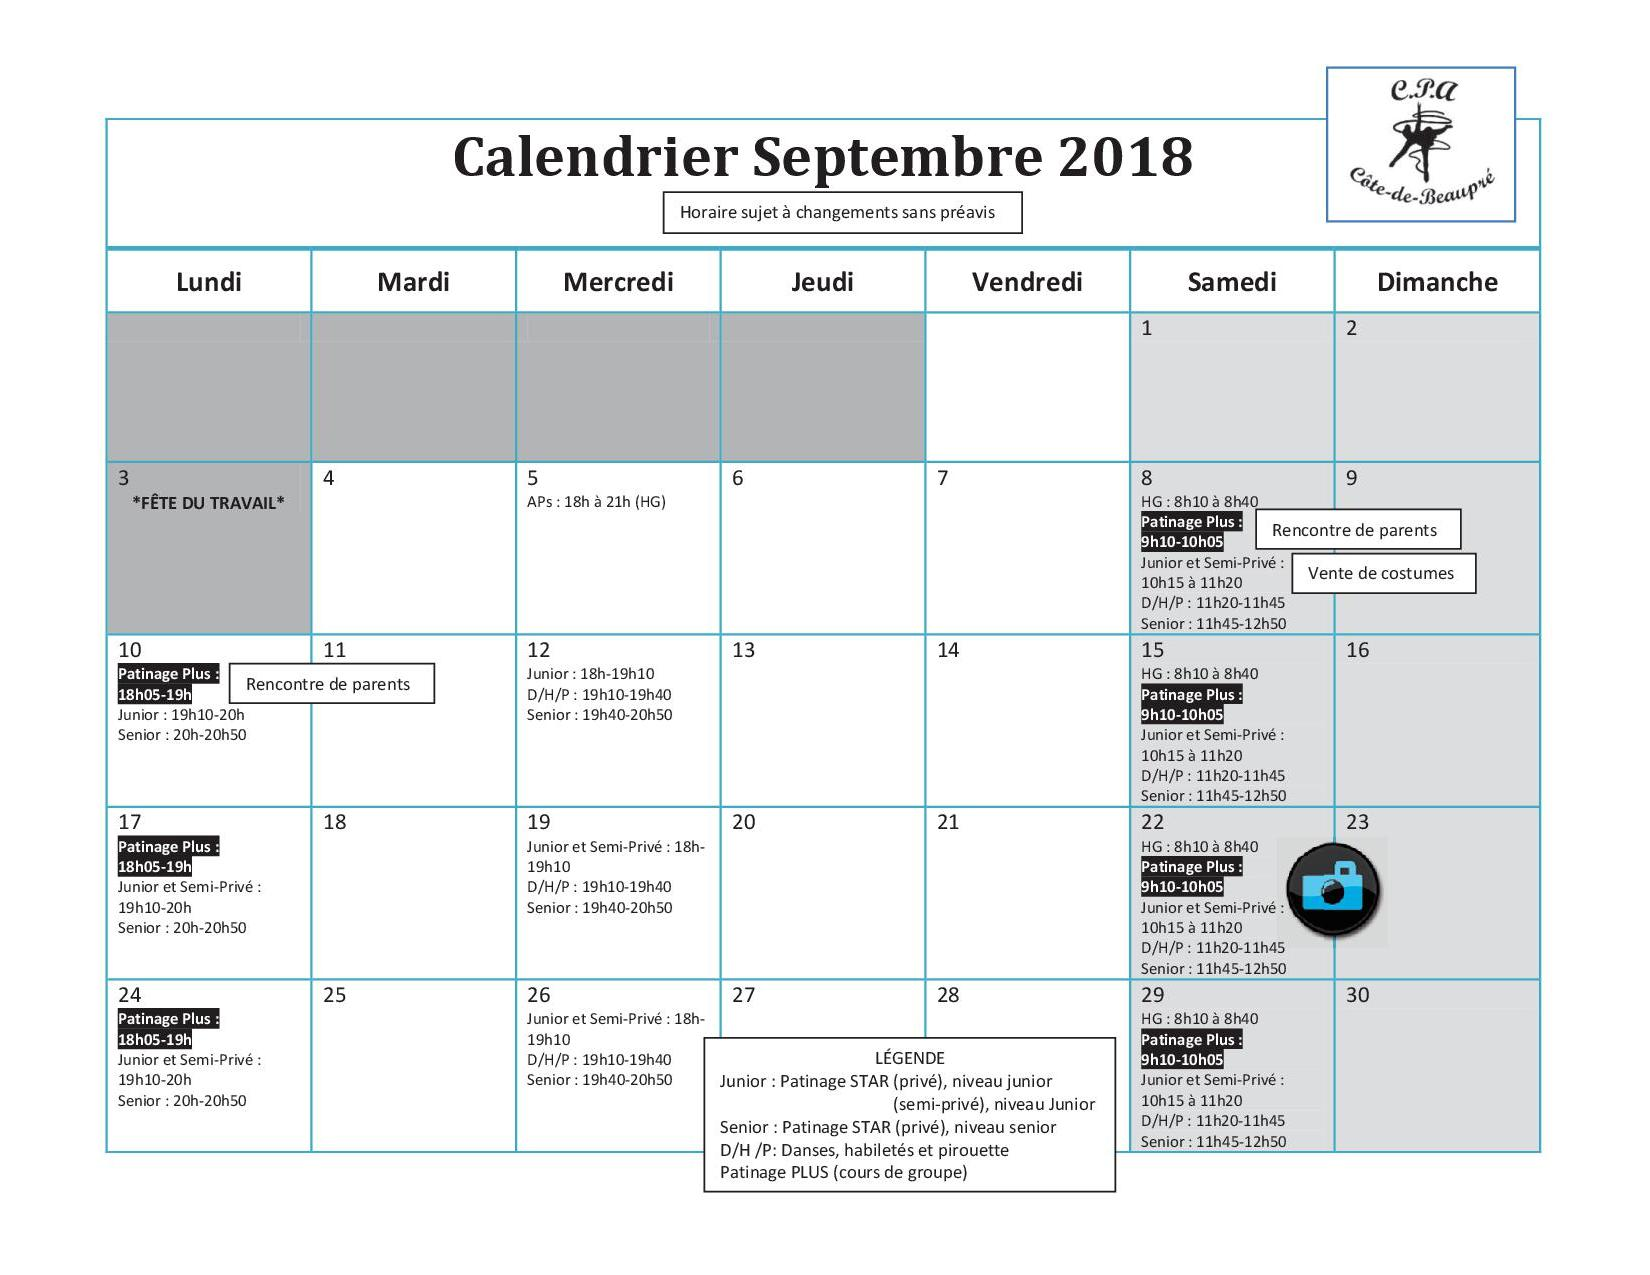 Calendrier Semi.Calendrier Septembre Cpa Cote De Beaupre